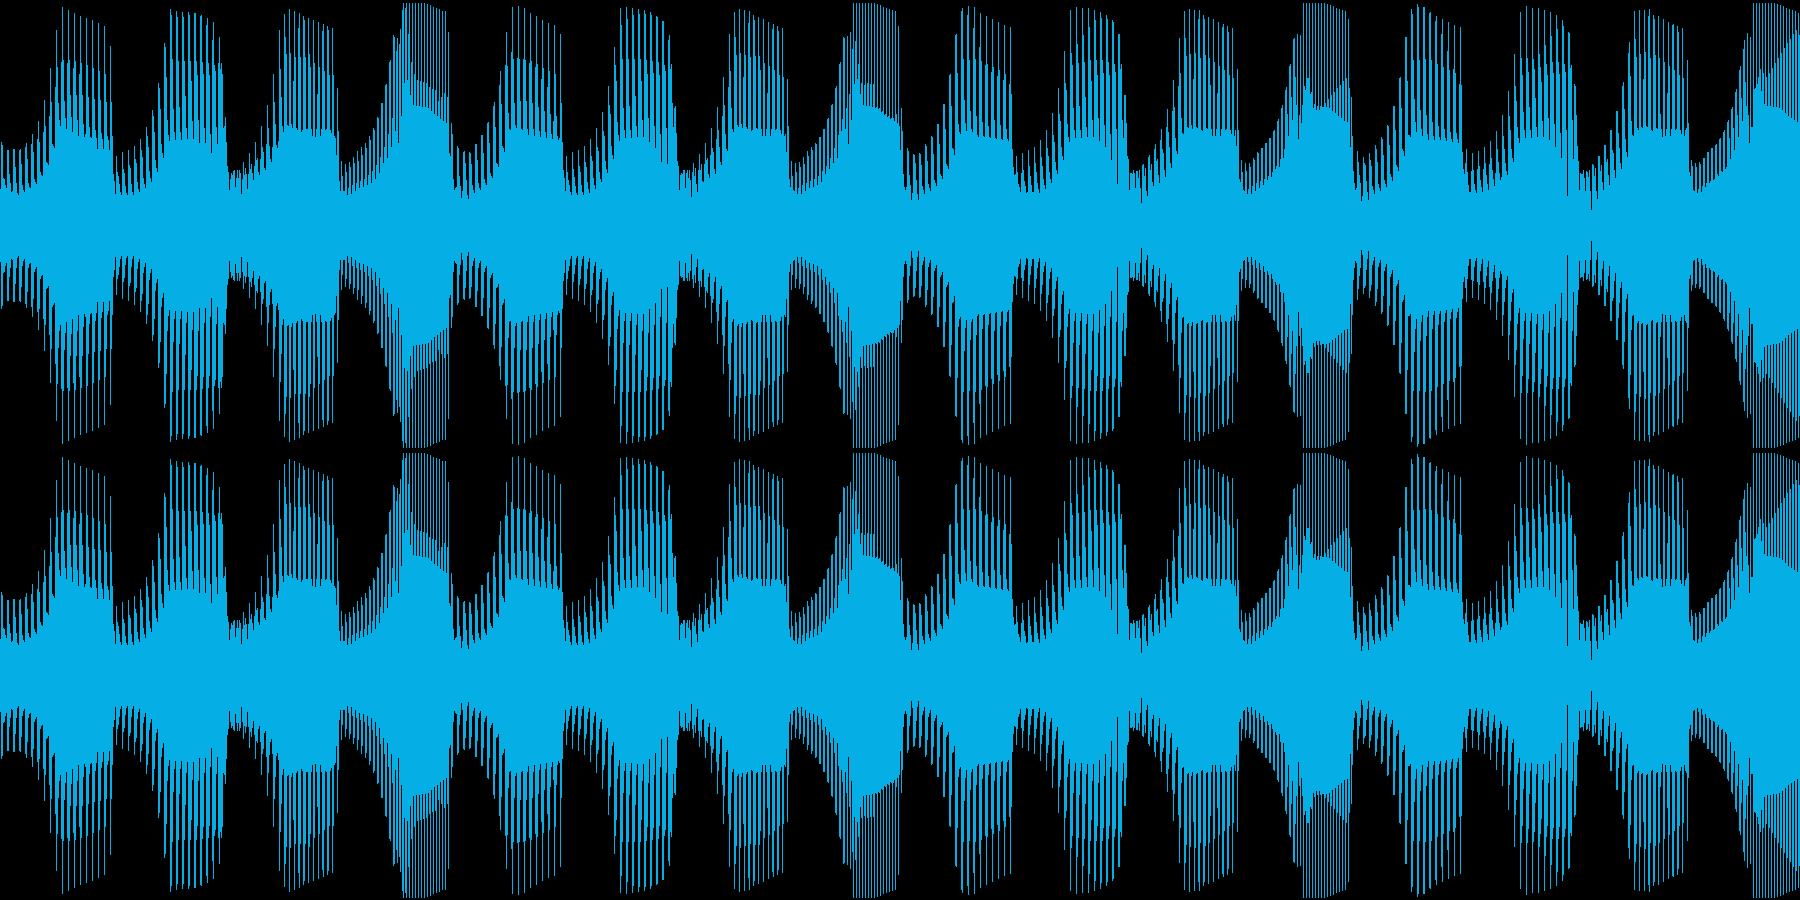 Techno ベース 8 音楽制作用の再生済みの波形